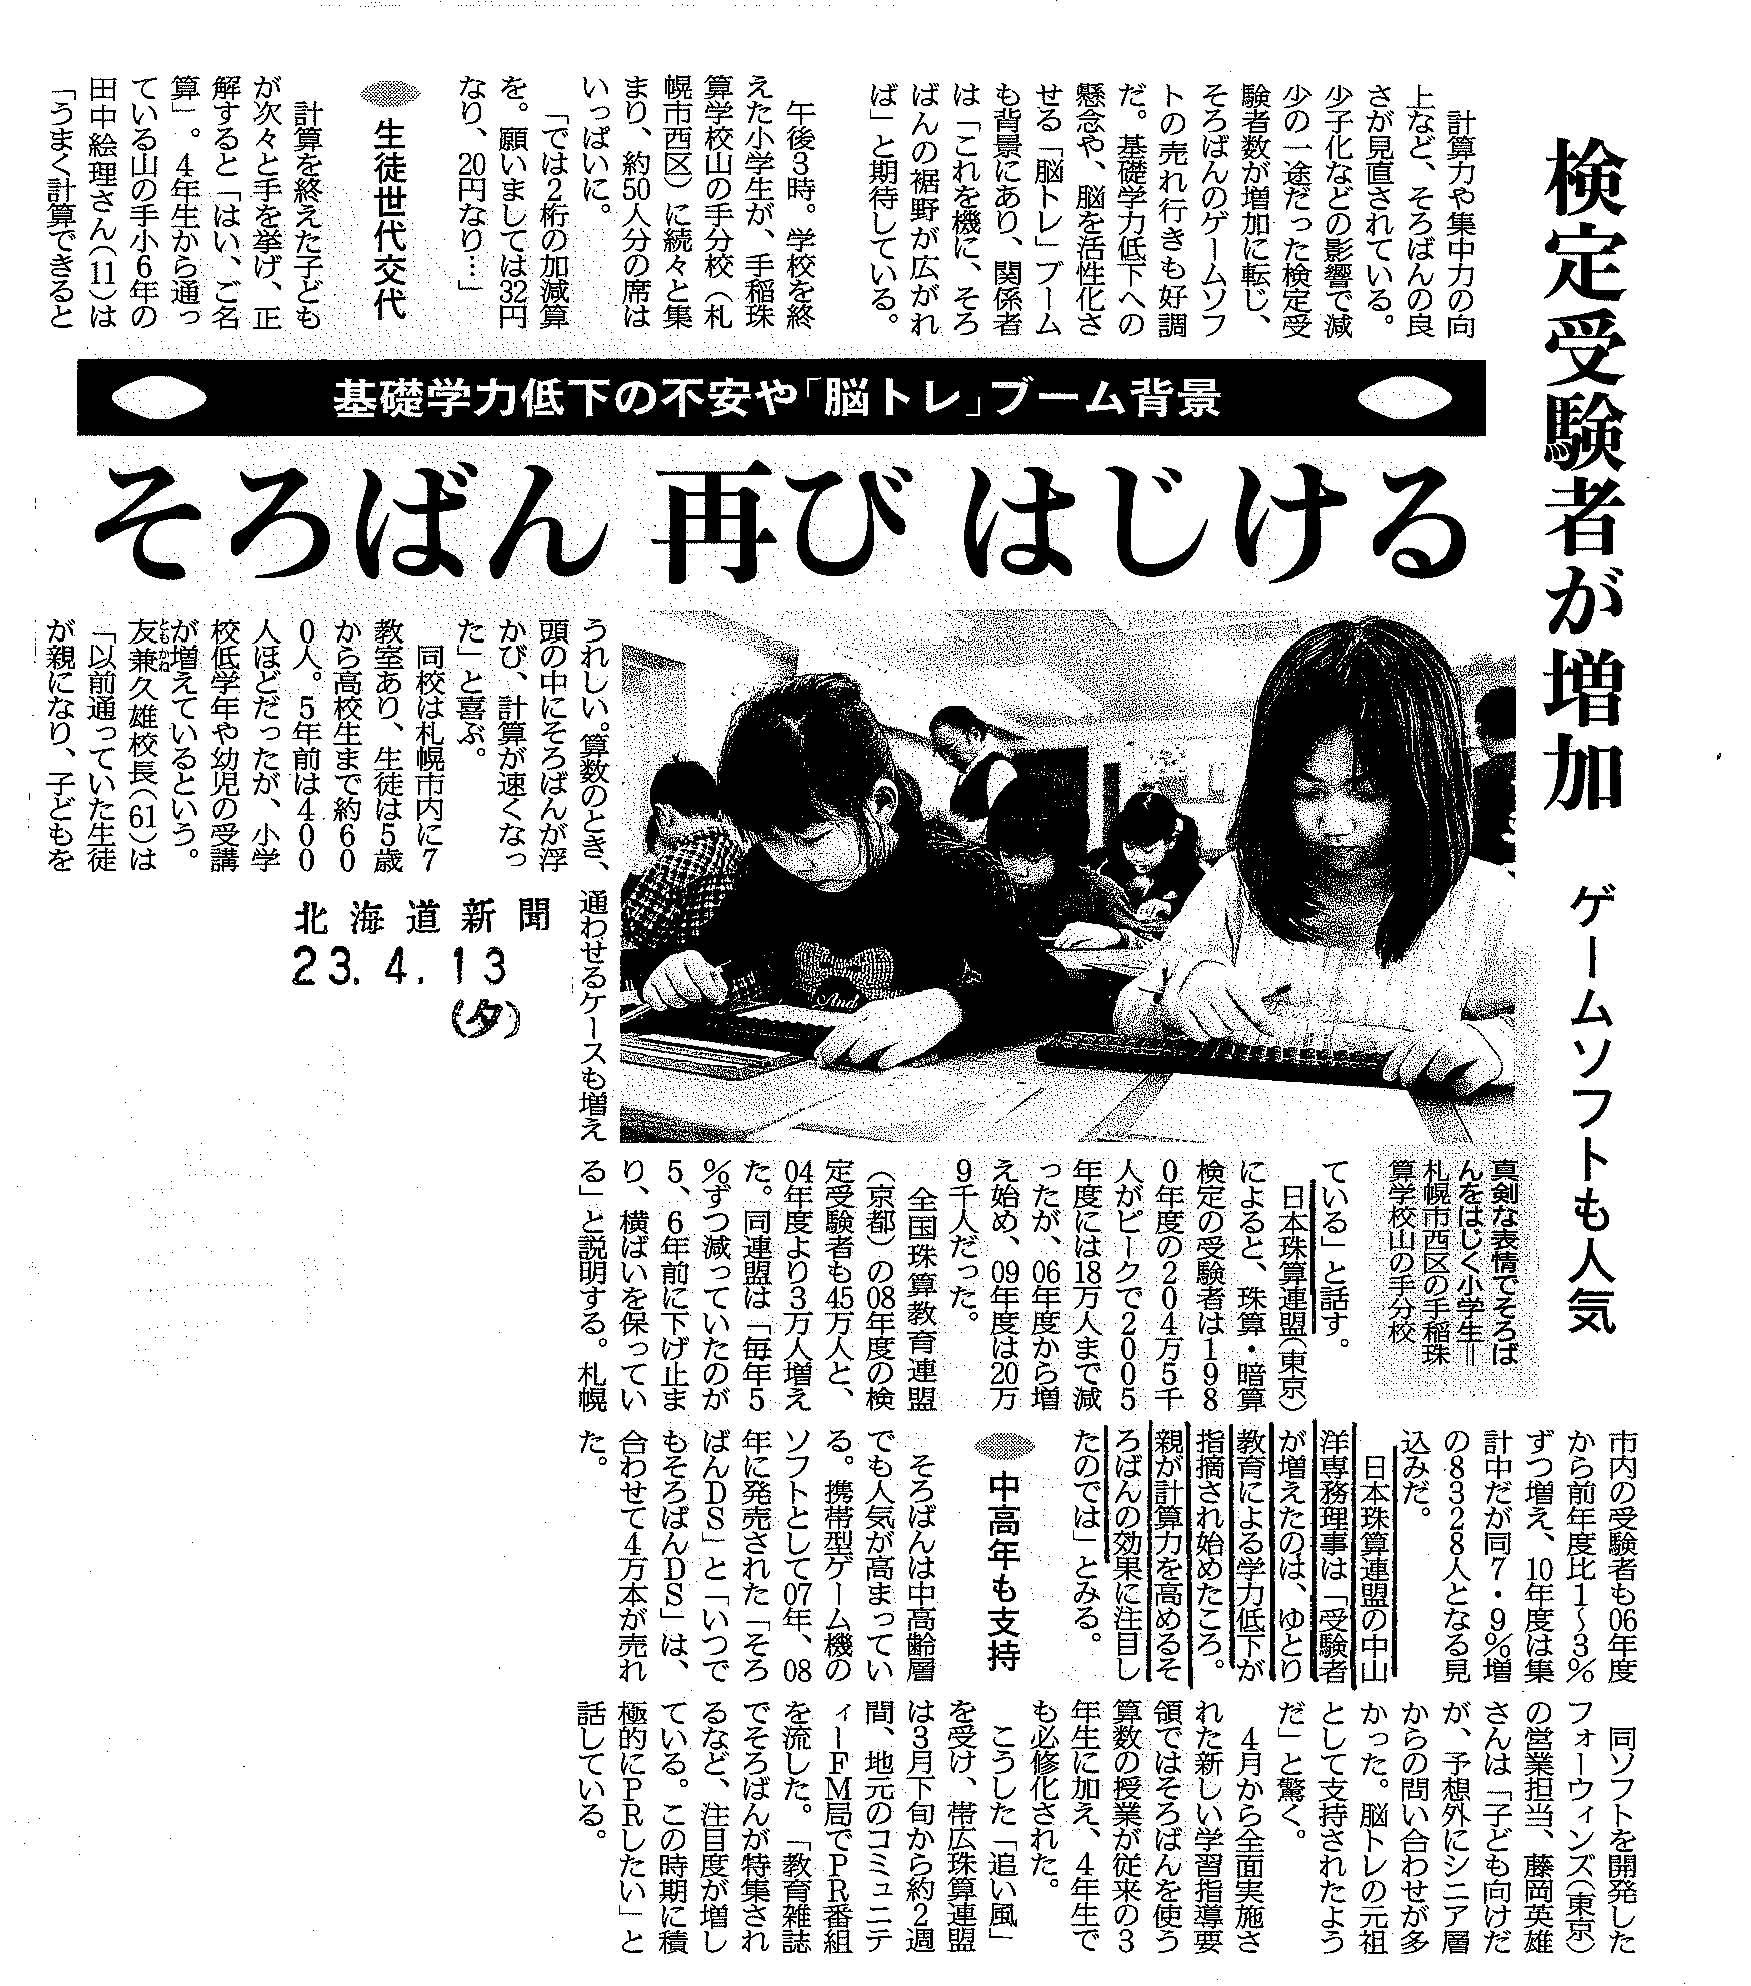 [北海道新聞夕刊]検定受験者が増加 そろばん再びはじける